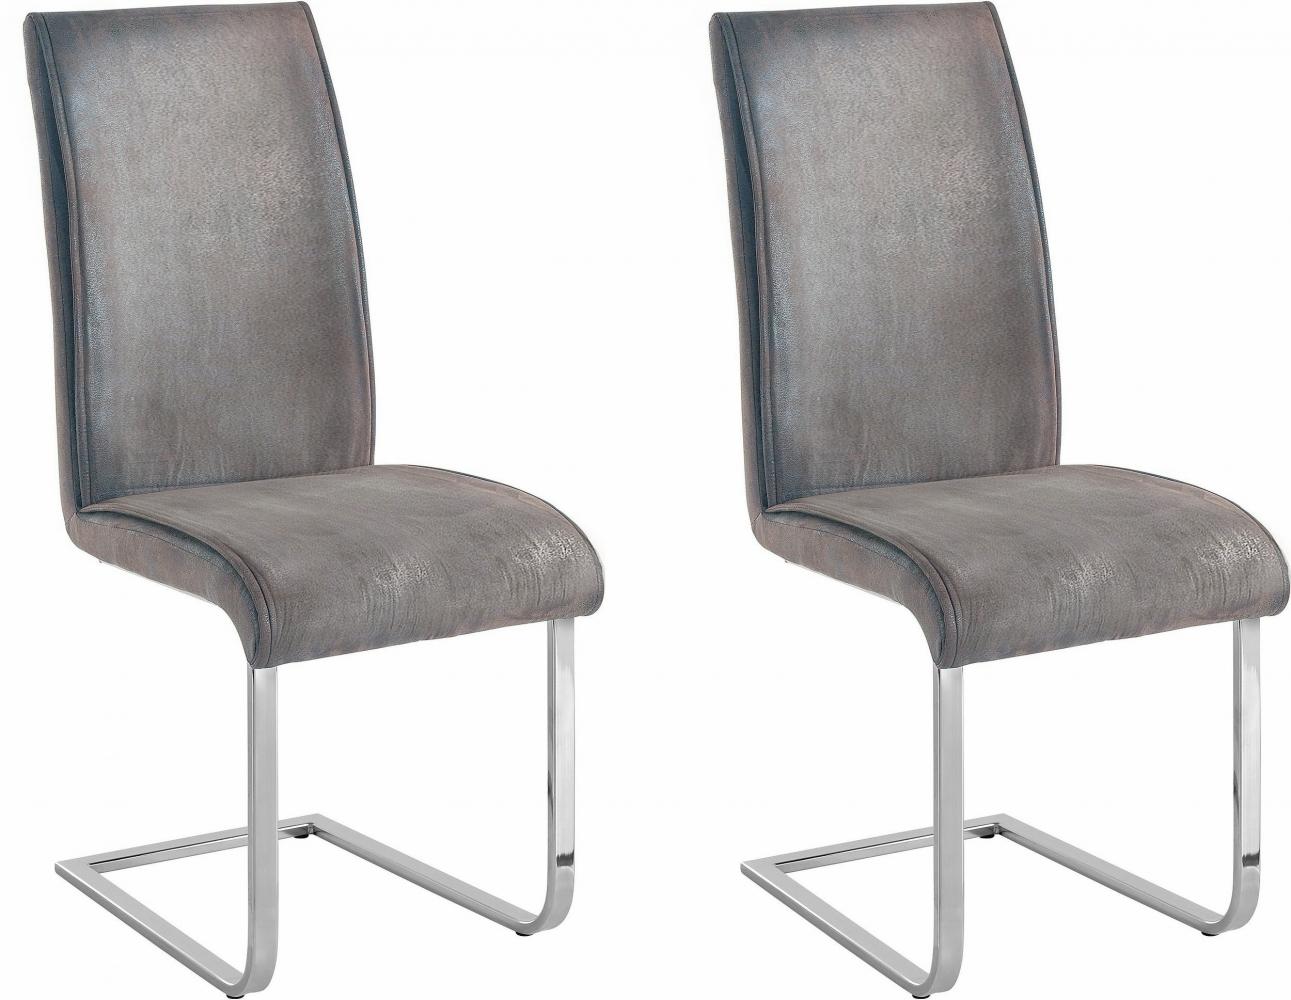 Jídelní židle Mant (SET 2 ks), světle šedá